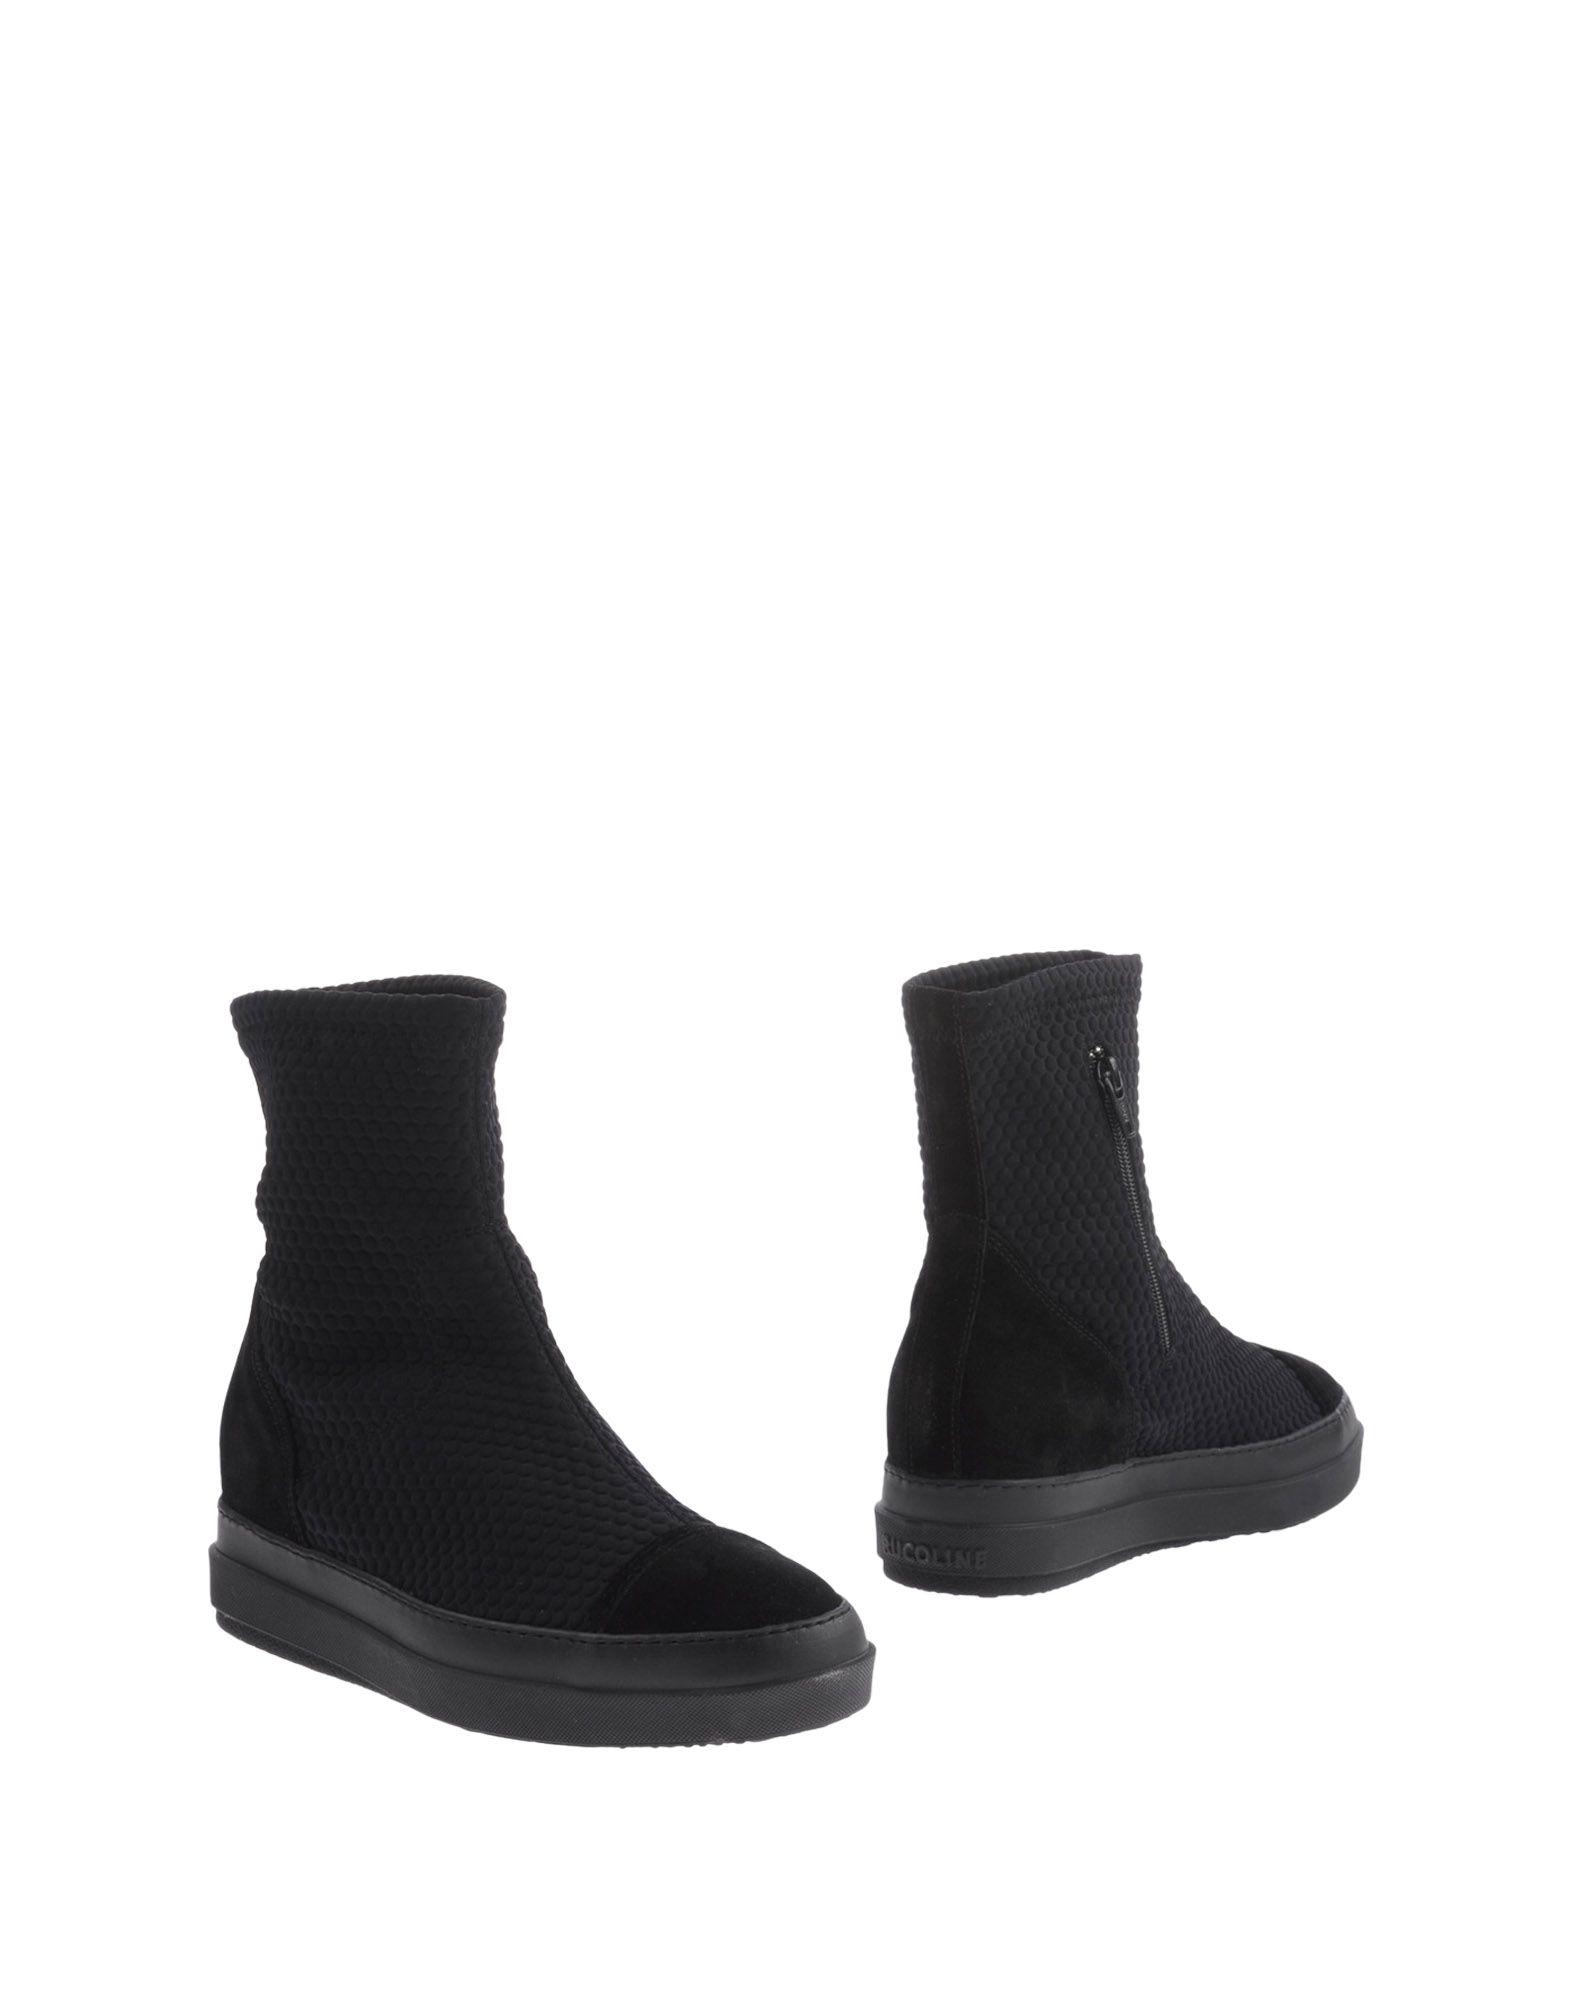 Ruco Line Stiefelette Damen  11219385CDGut aussehende strapazierfähige Schuhe